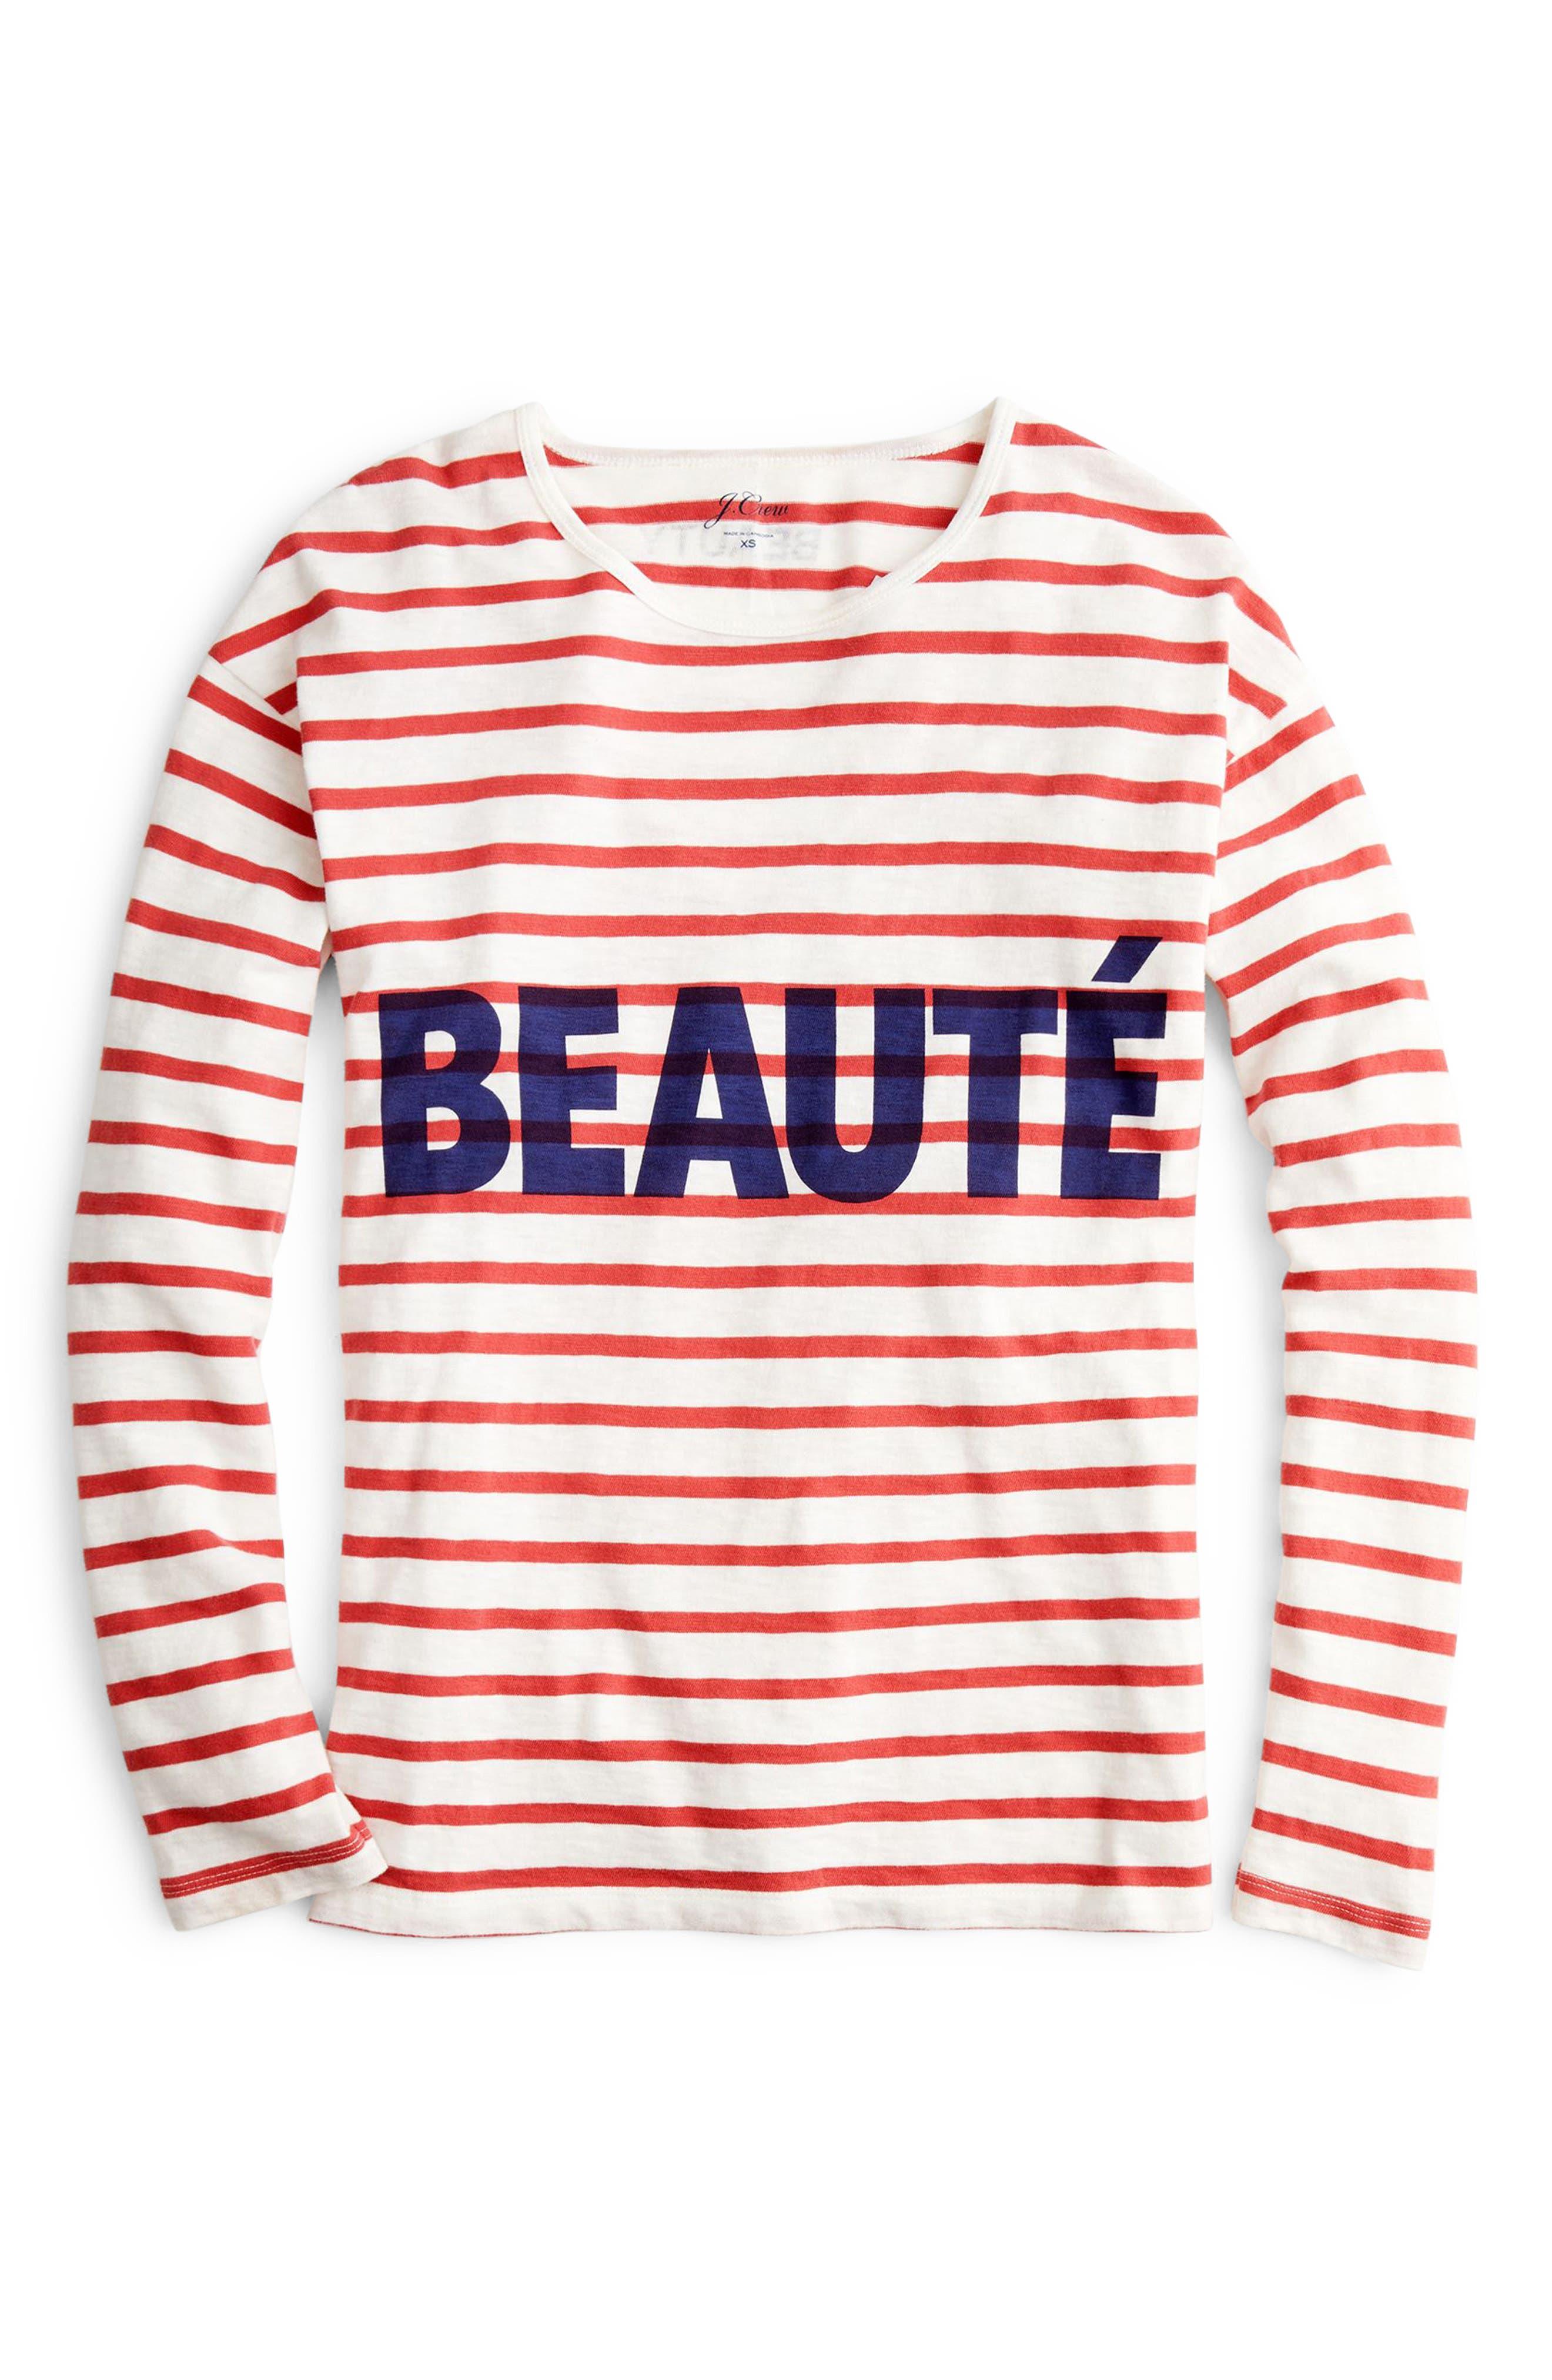 Beauté T-Shirt,                             Alternate thumbnail 5, color,                             600